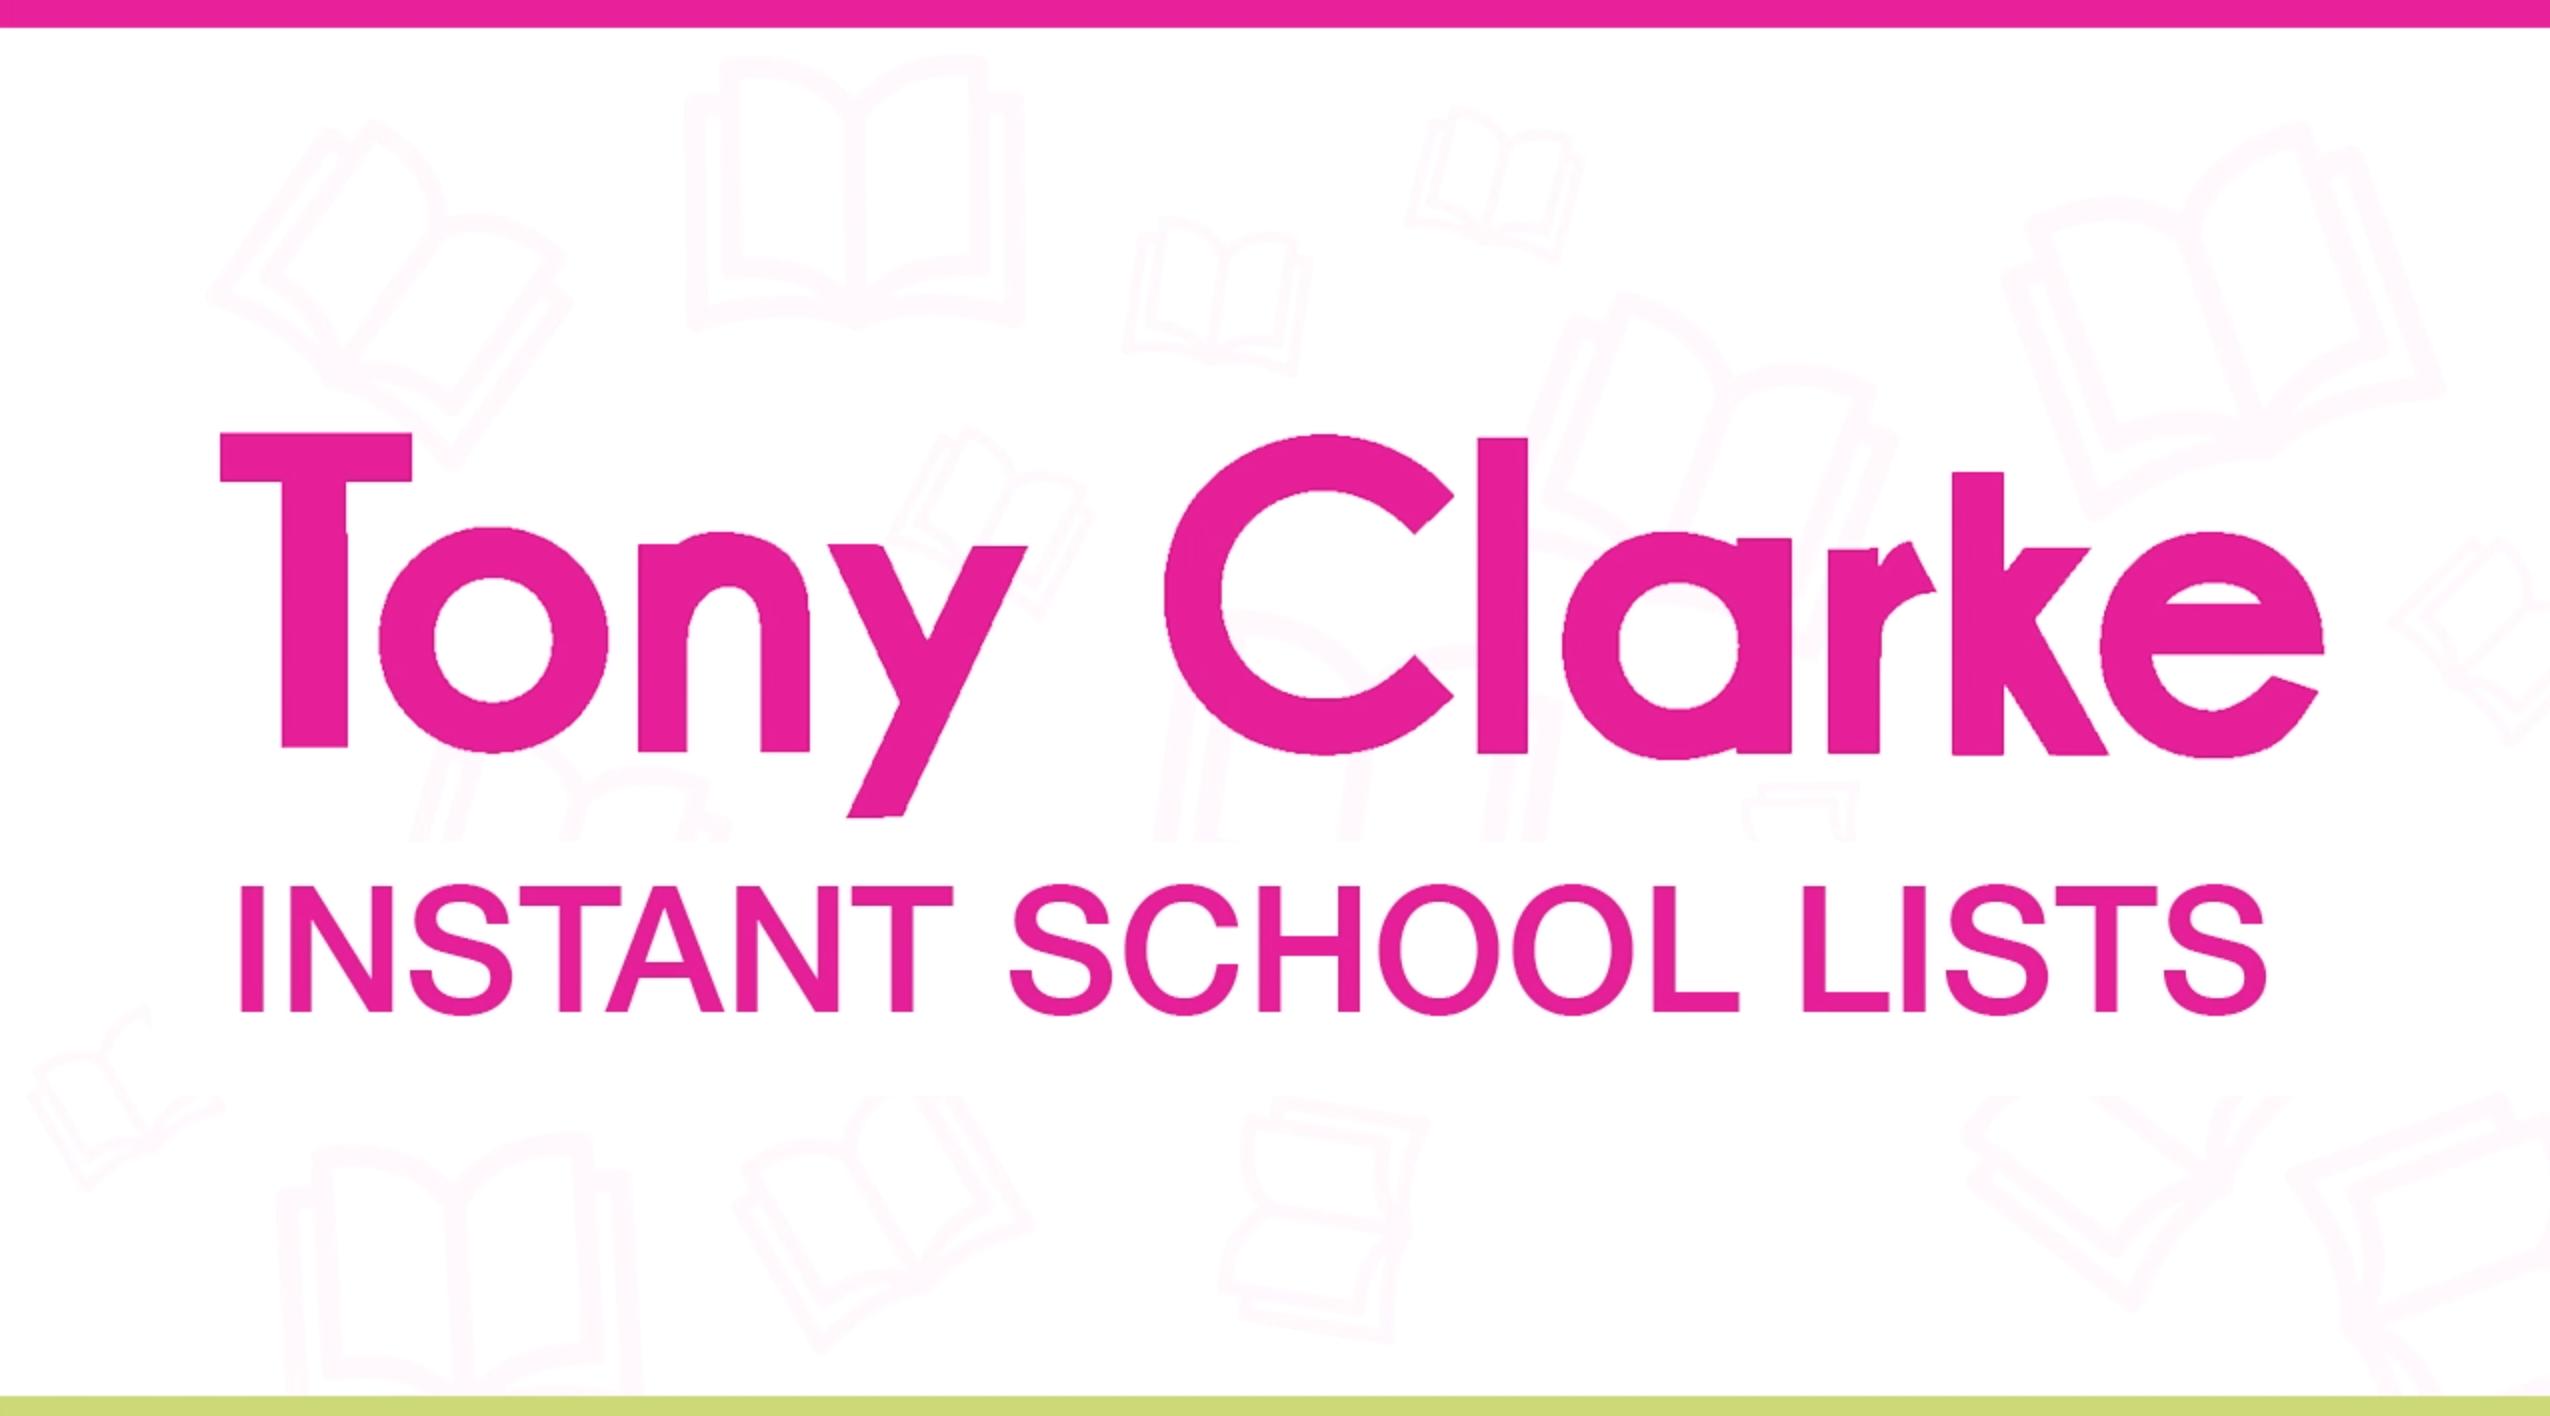 Instant School Lists